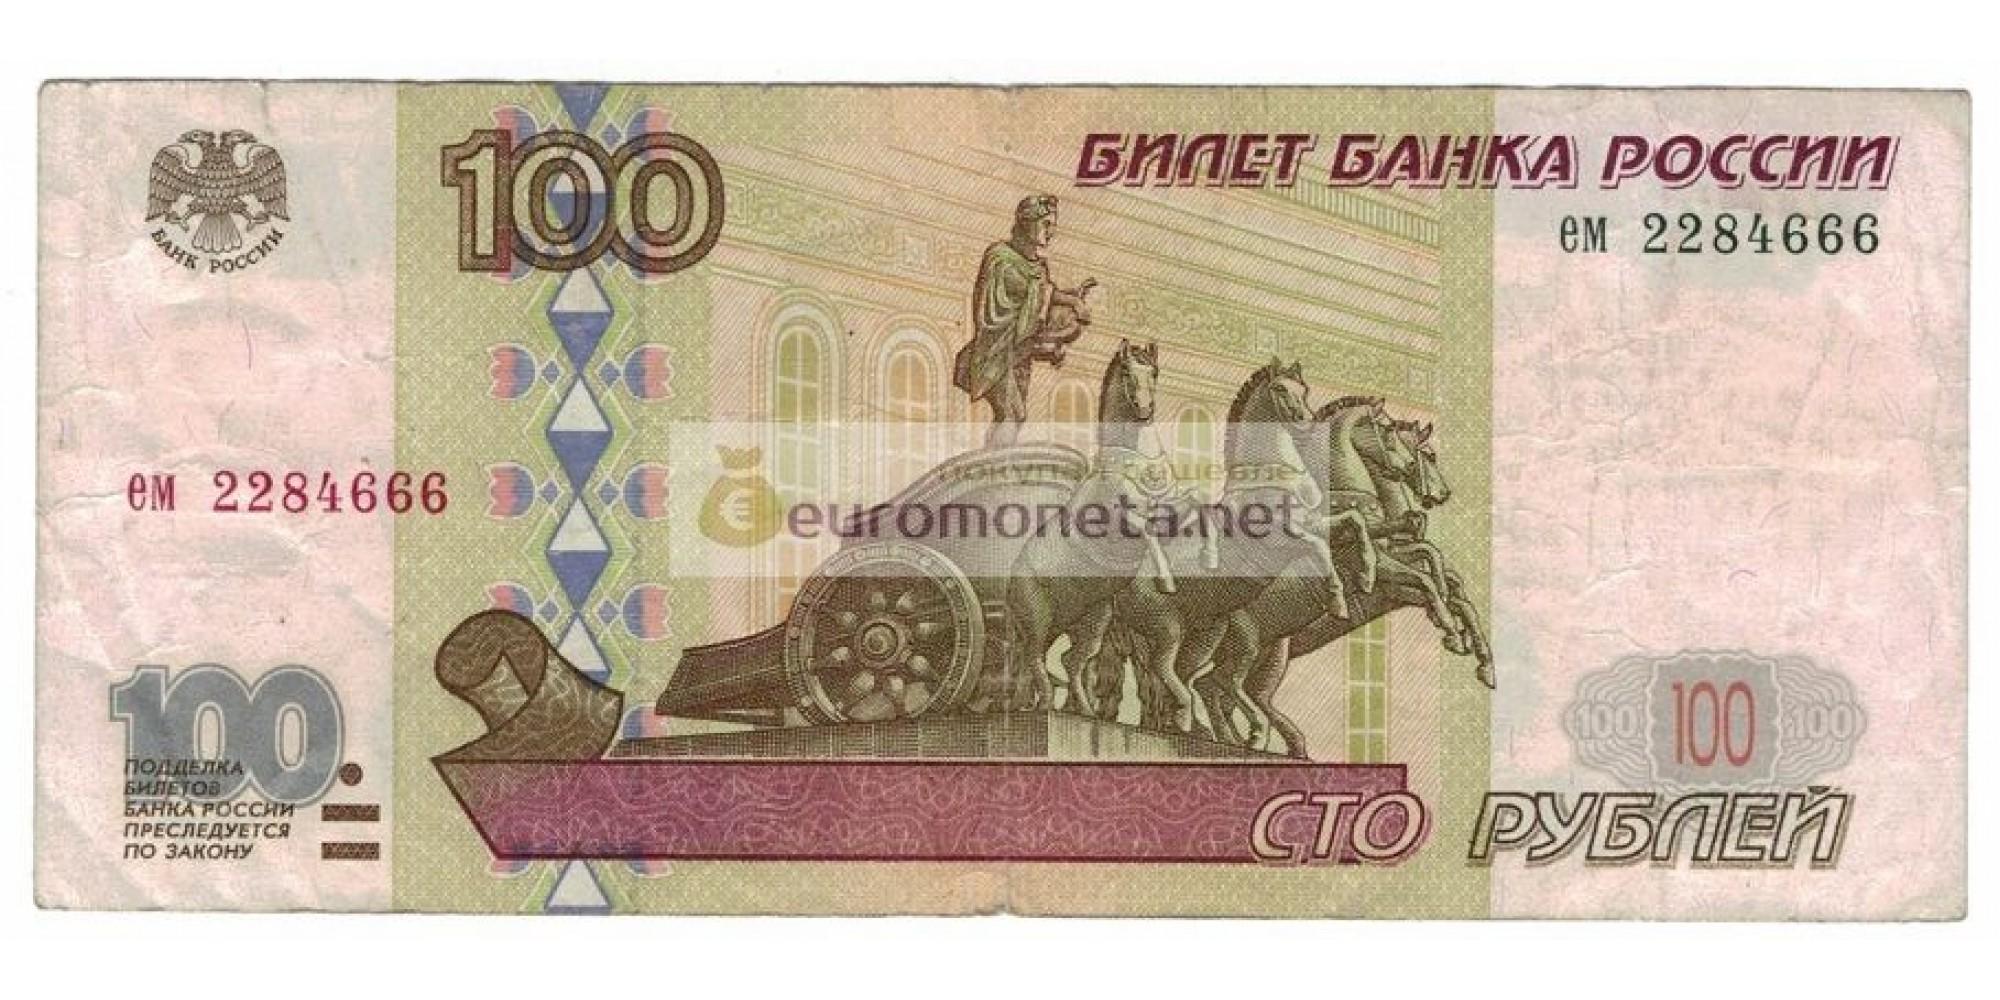 Россия 100 рублей 1997 год без модификации серия ем 2284666